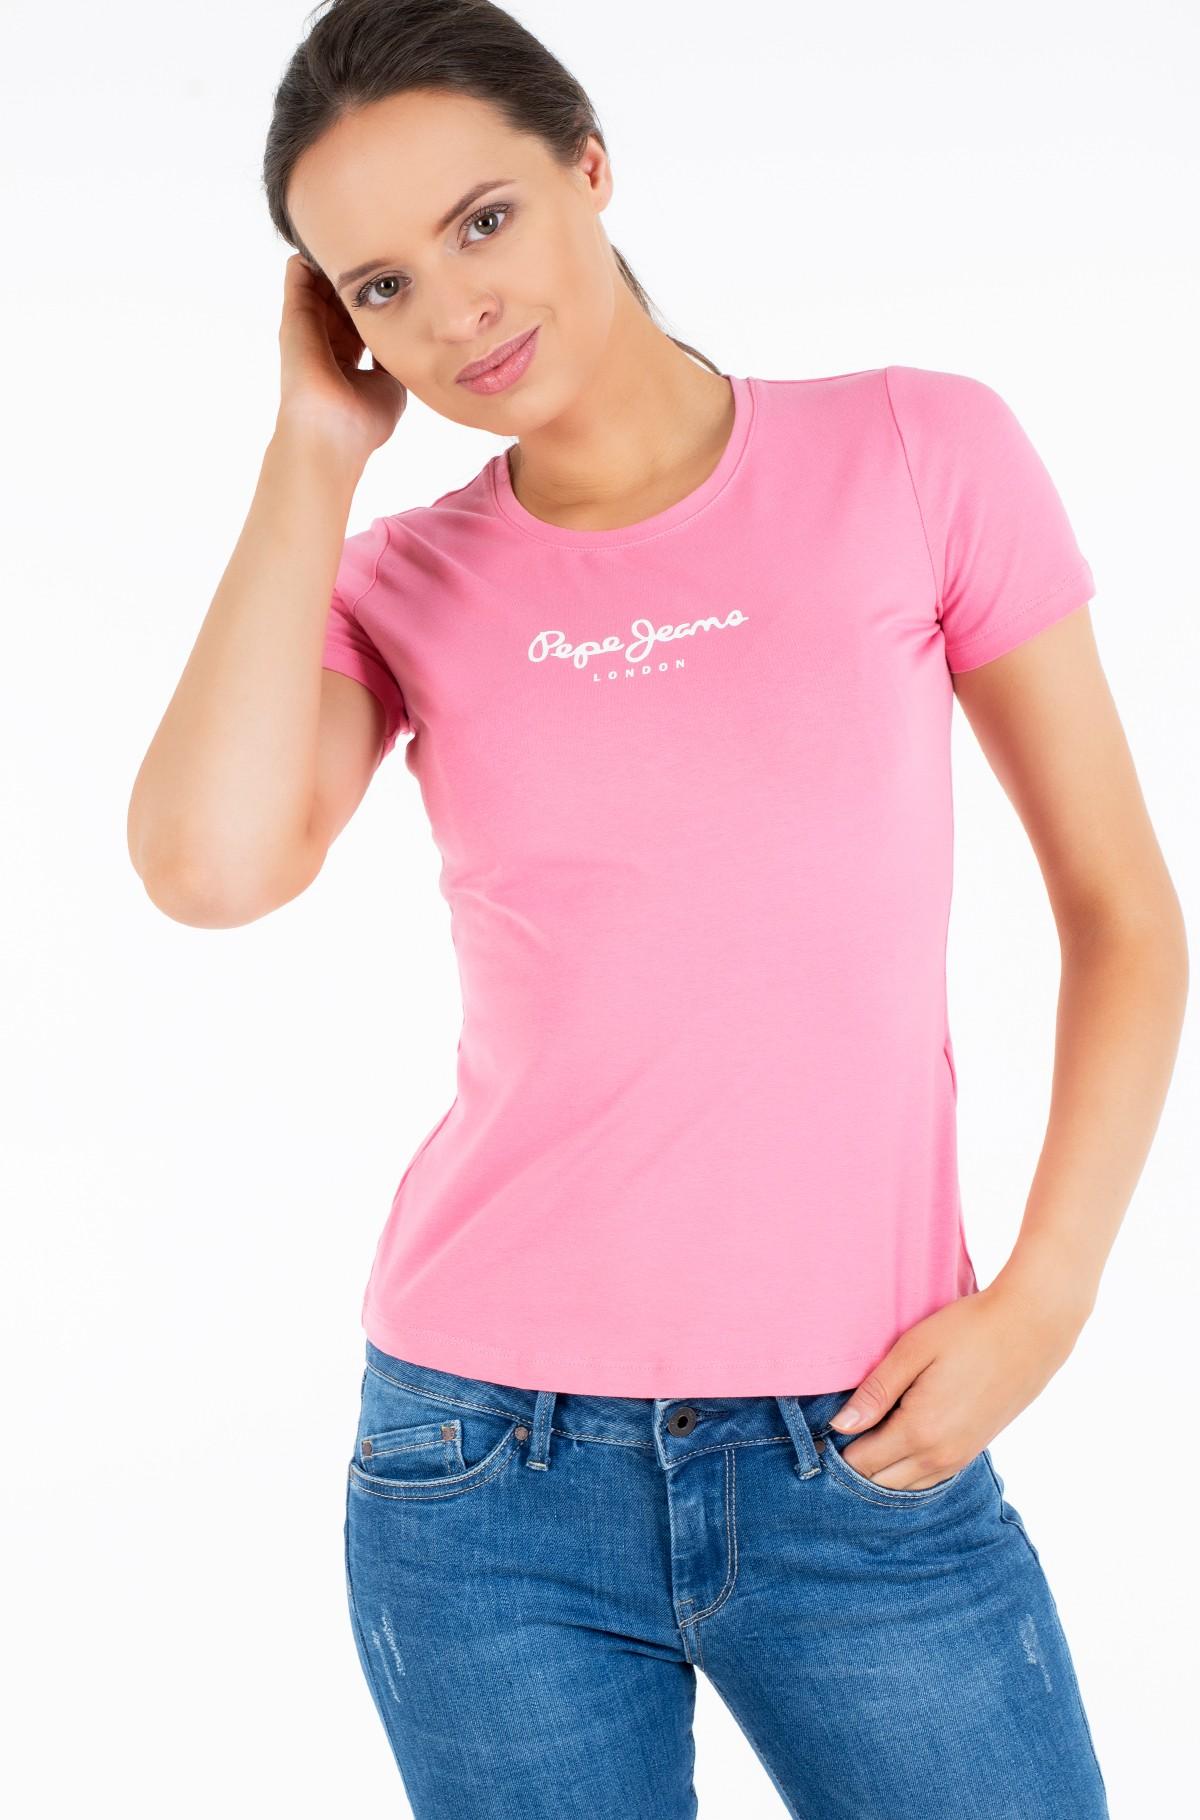 Marškinėliai VIRGINIA NEW/PL504290-full-1